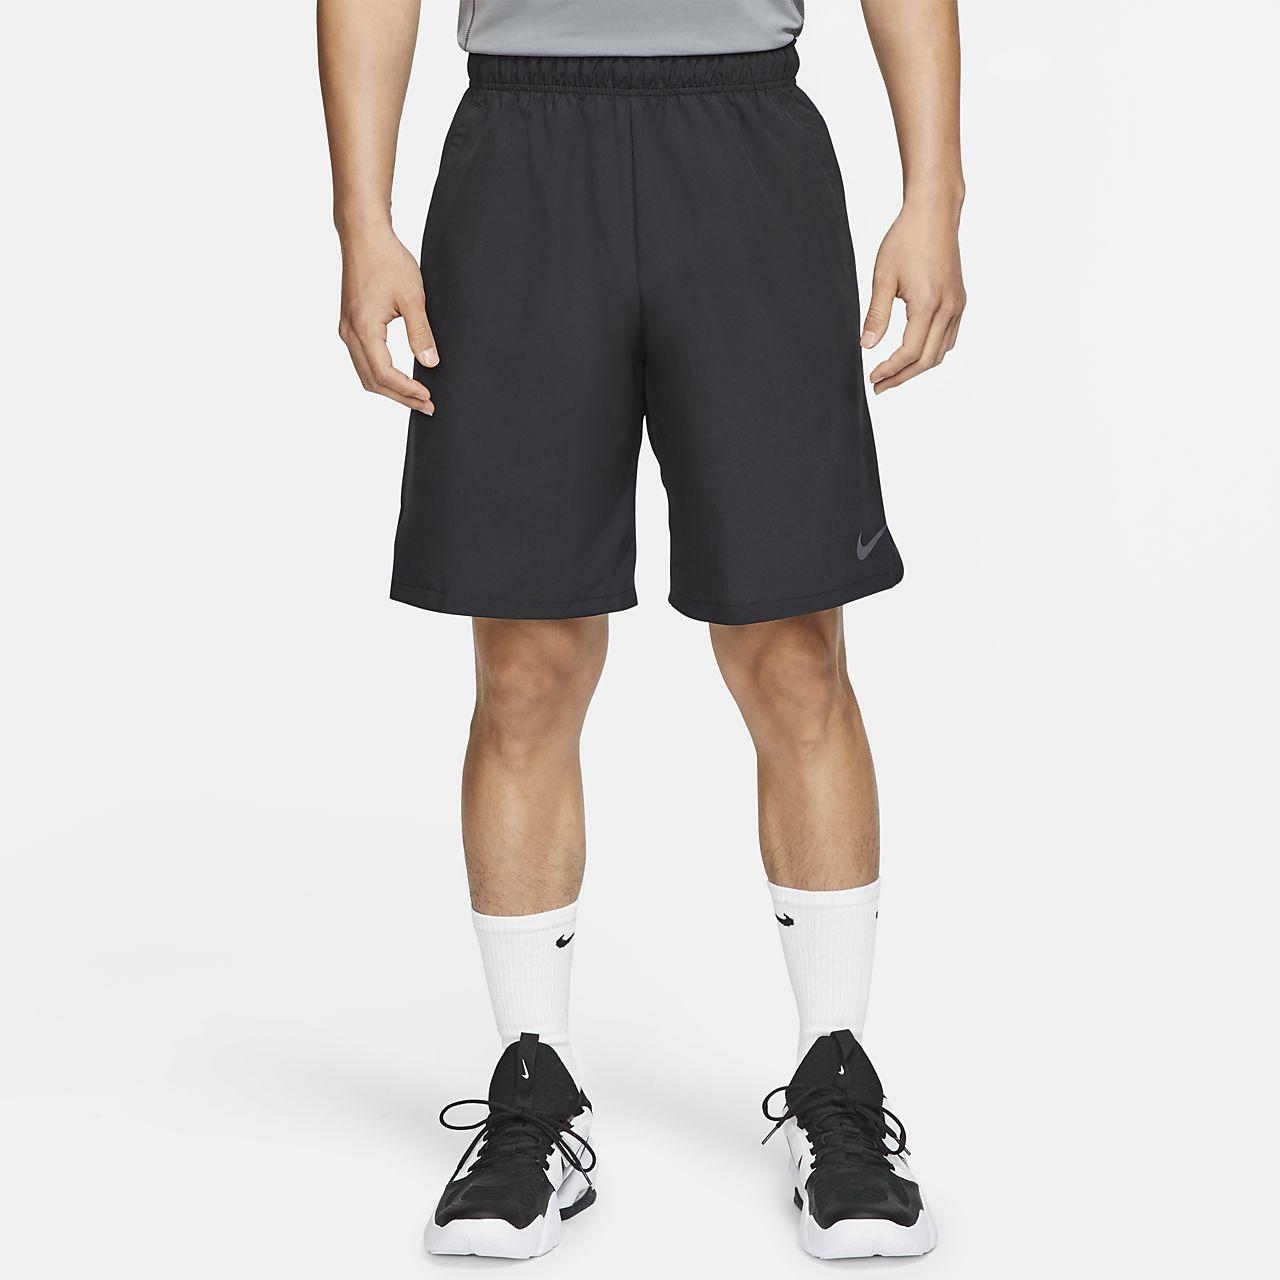 Nike Flex vevd treningsshorts til herre